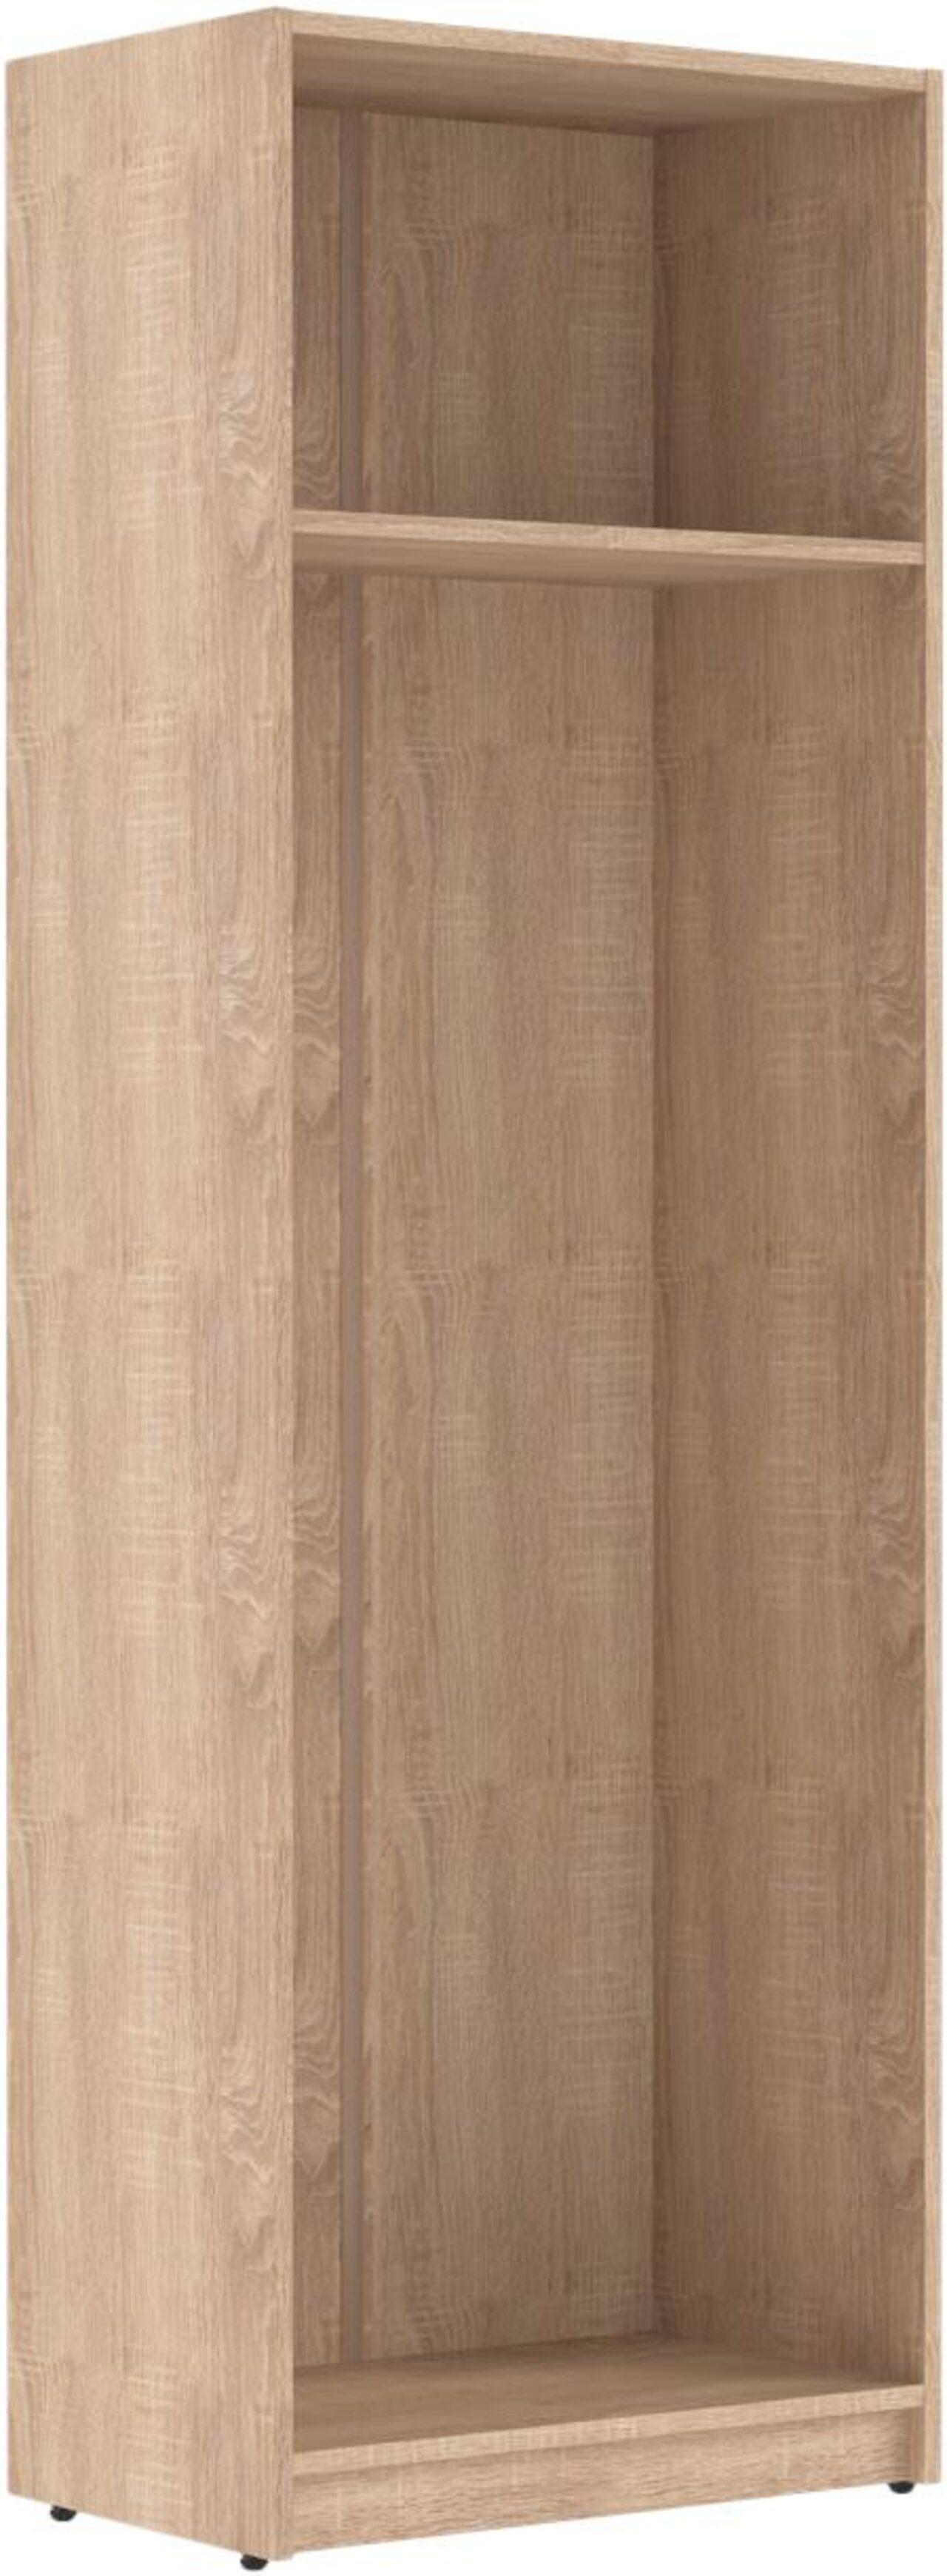 Каркас гардероба  Simple 60x36x182 - фото 4